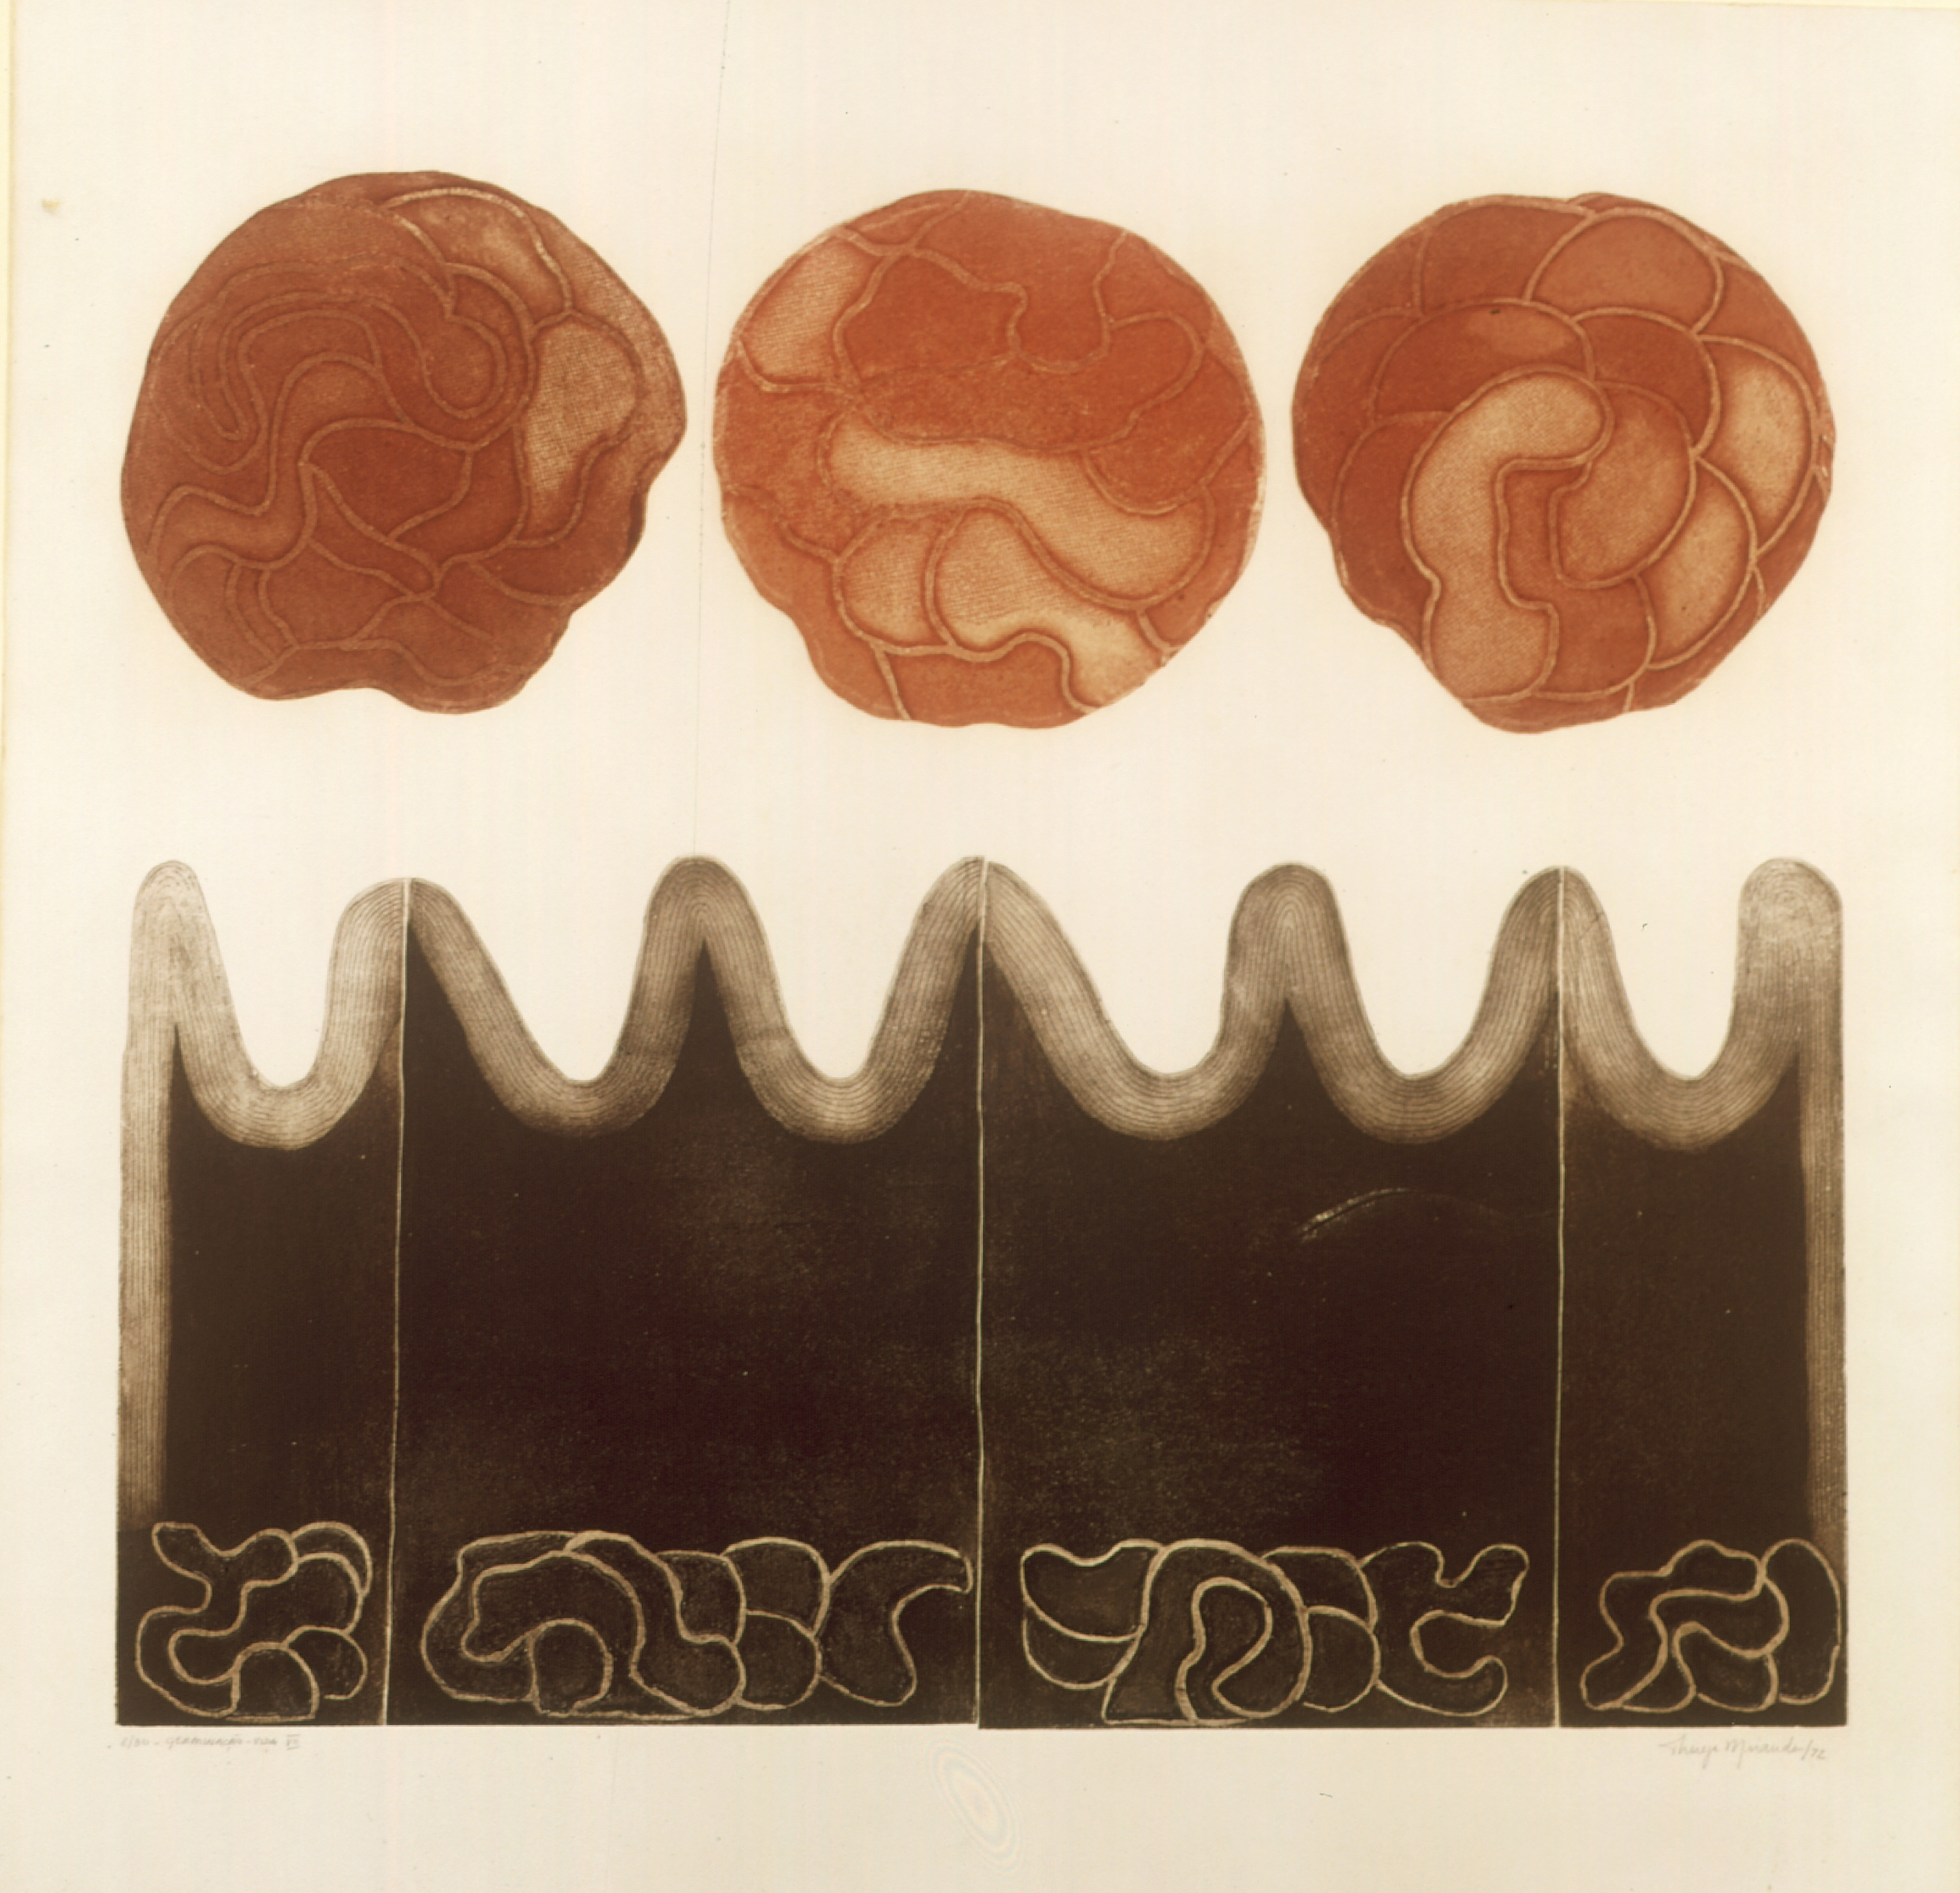 Germinação da vida VII  Autor: Thereza Miranda Ano: 1972  Técnica: Calcografia. Água-tinta e Água-forte (8/30)  Dimensões: 54cm x 59cm